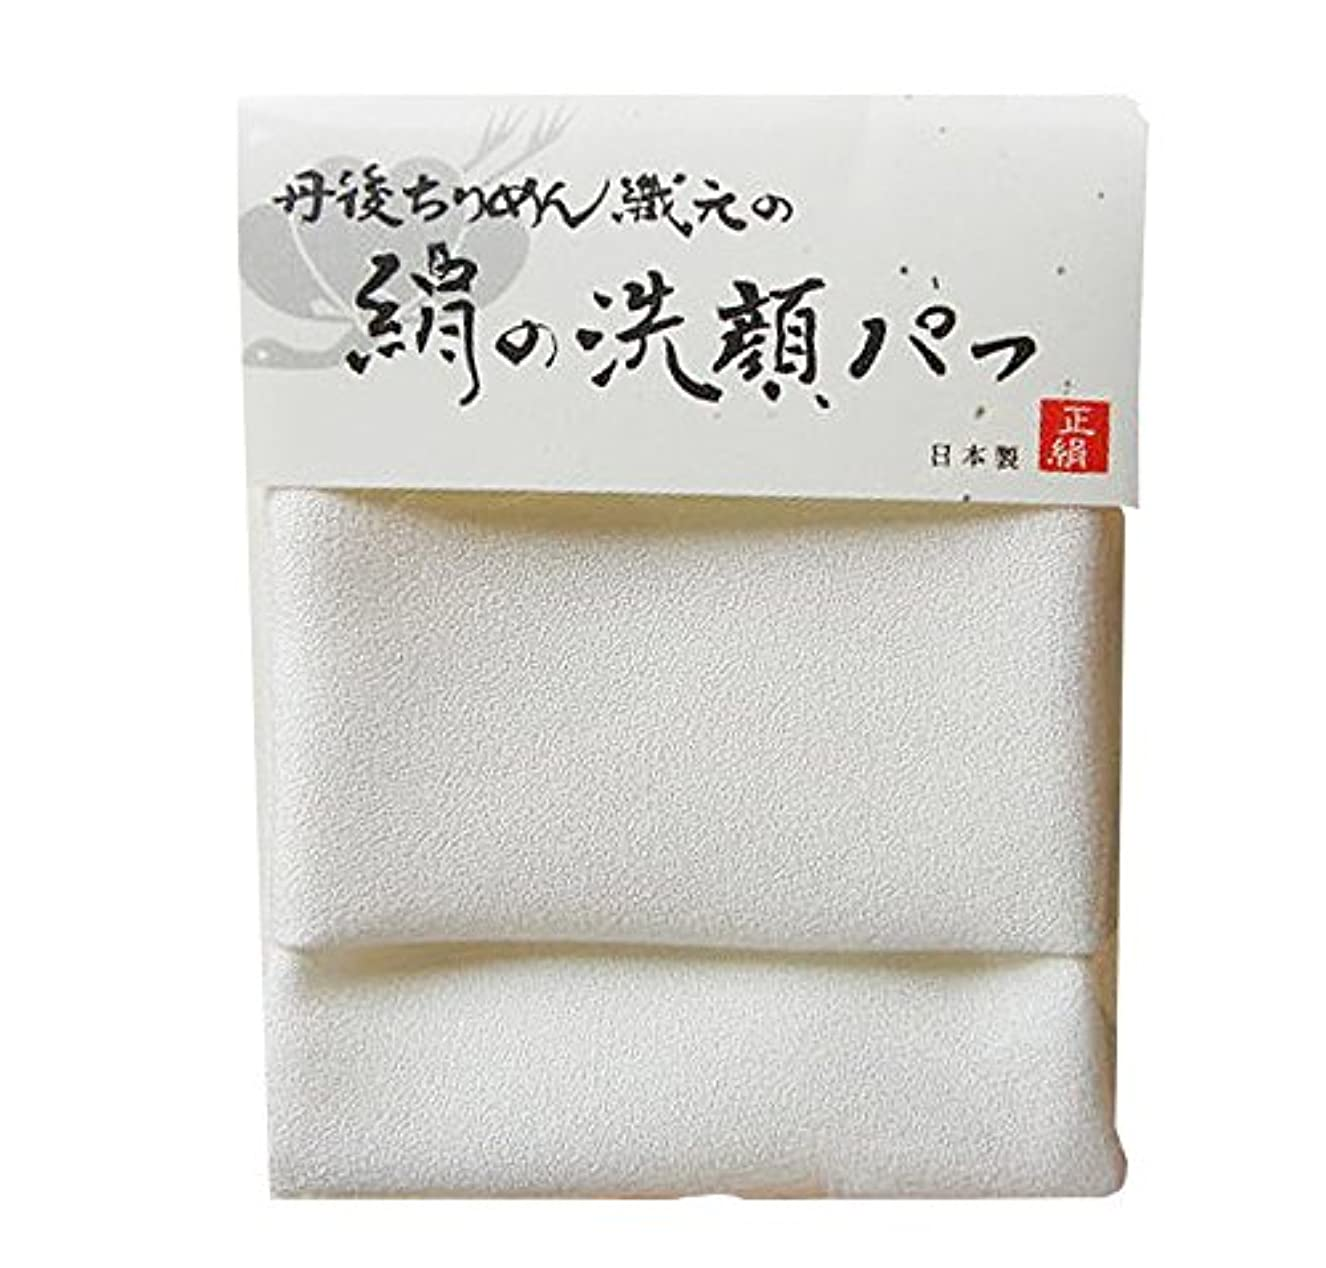 医師図書館チャンピオン【NHKイッピンで紹介!】丹後ちりめん織元の絹の洗顔パフ